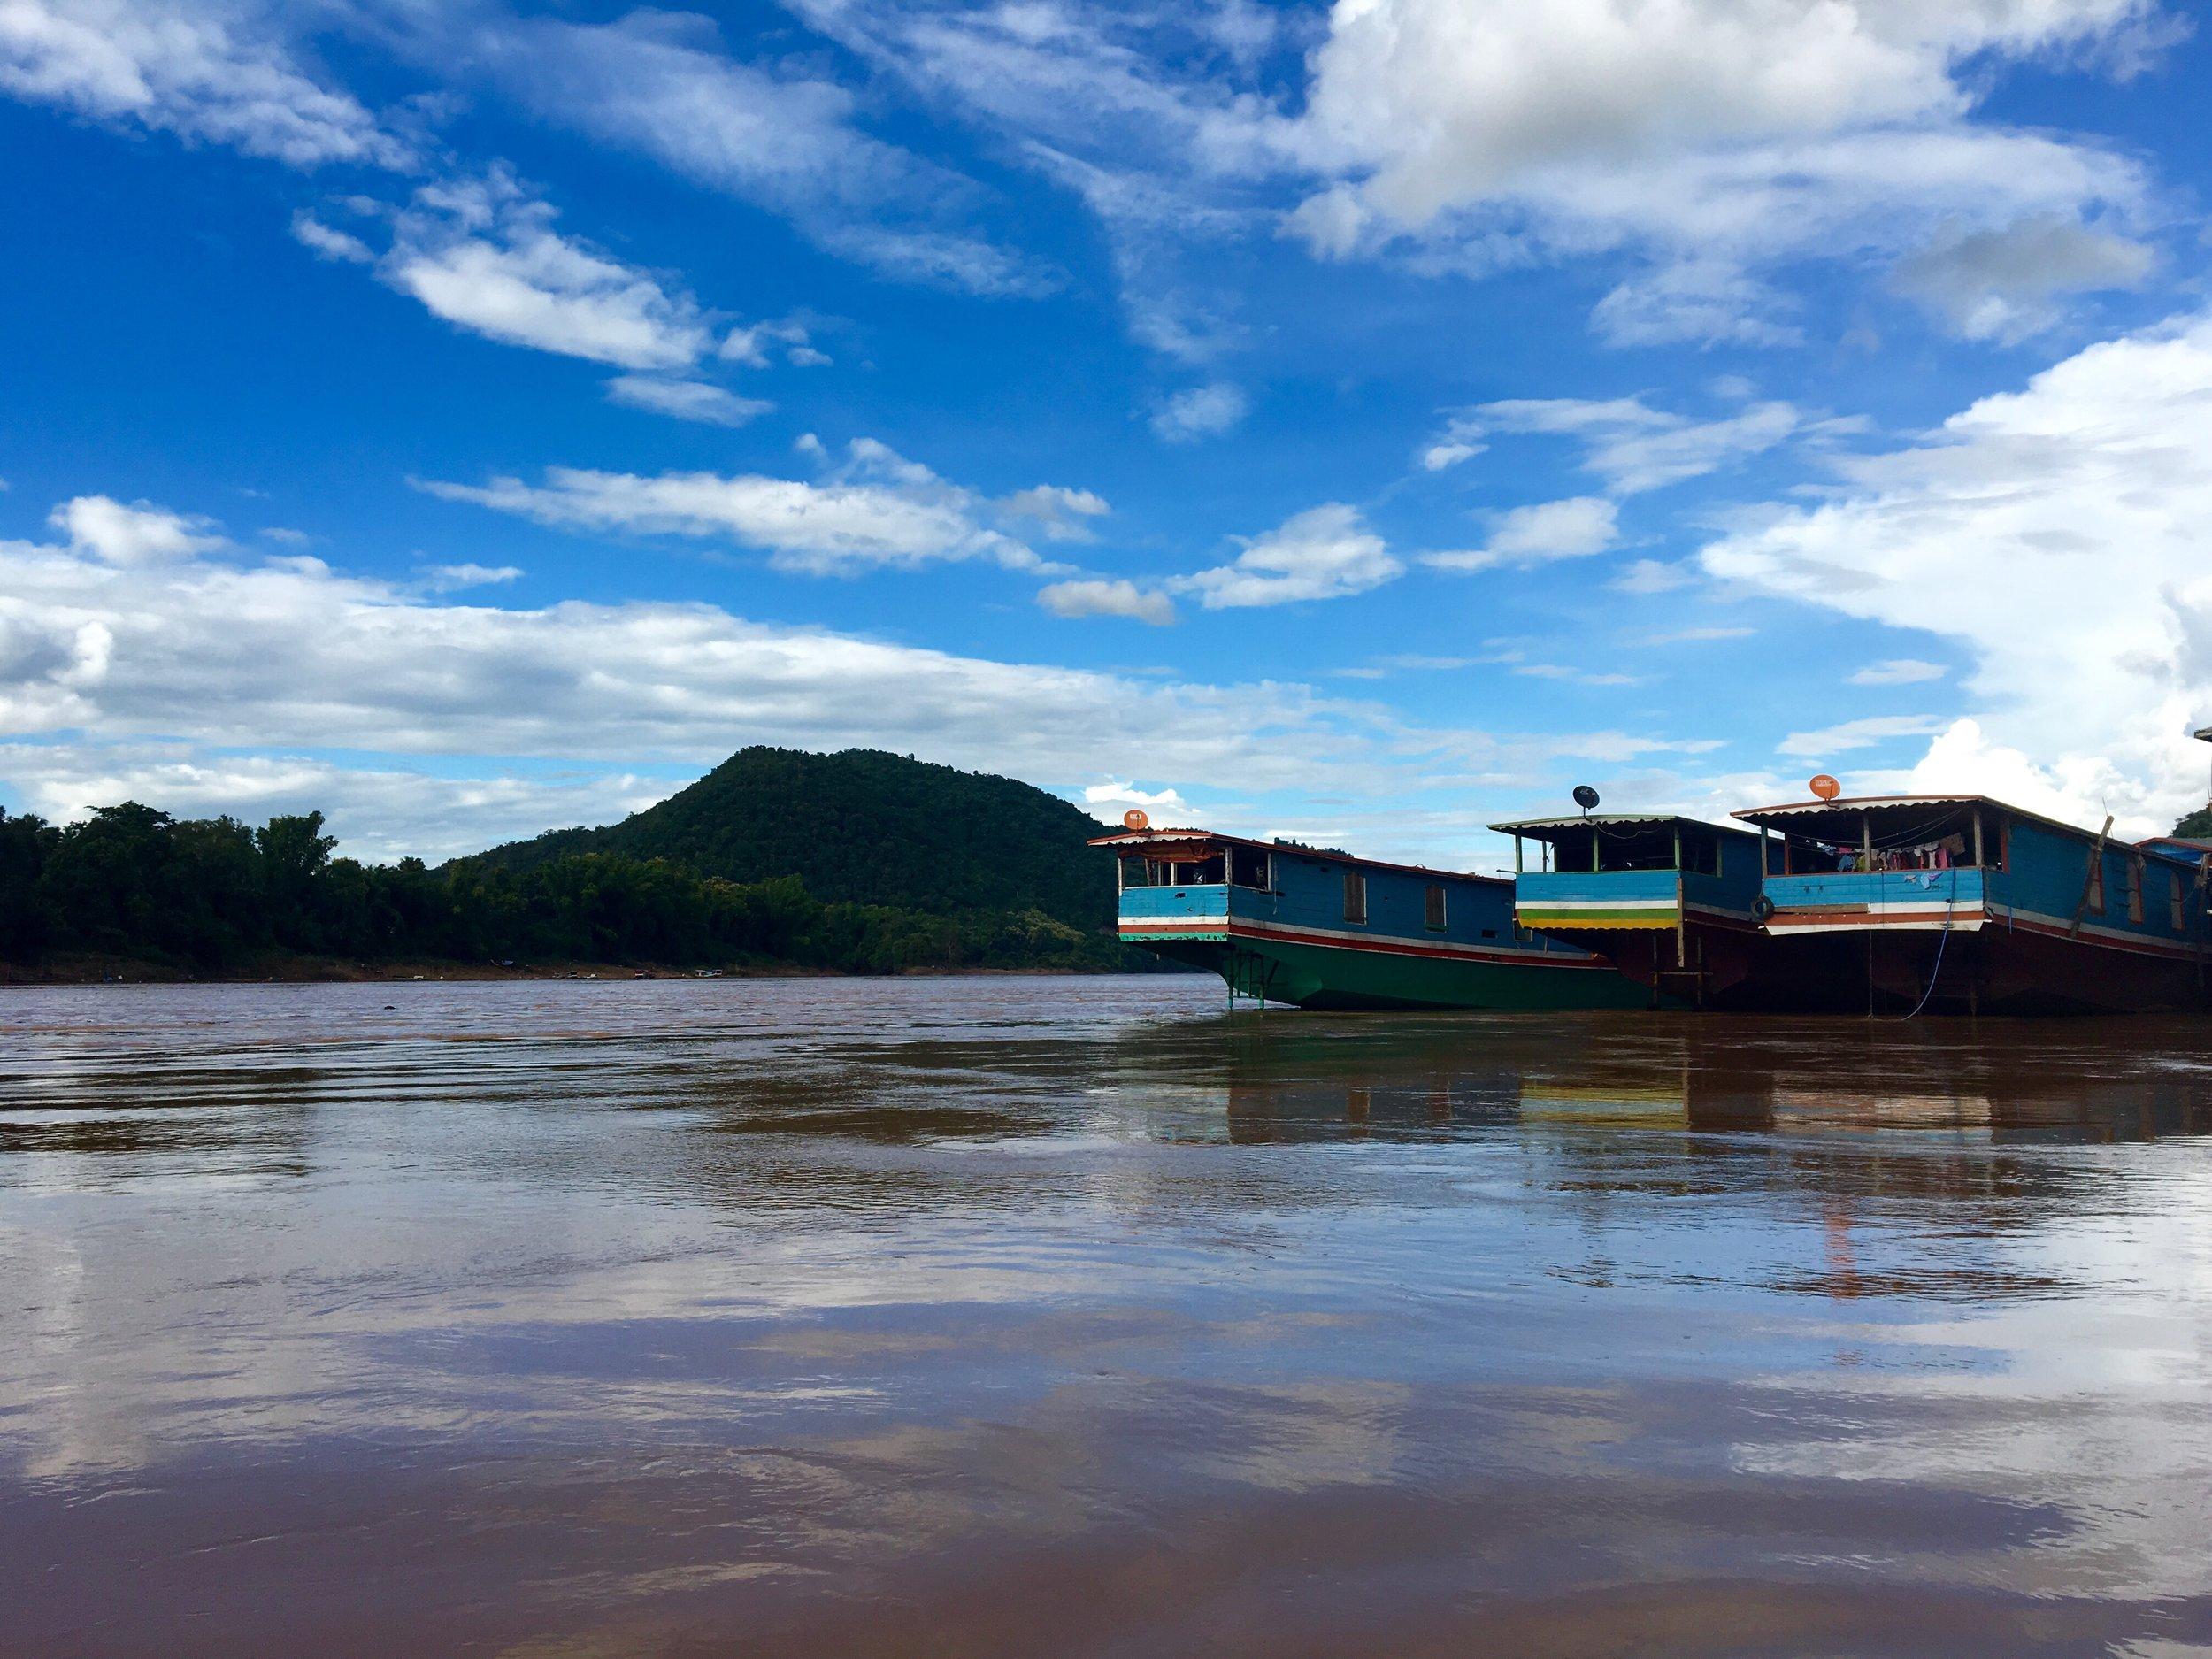 Arriving in Luang Prabang